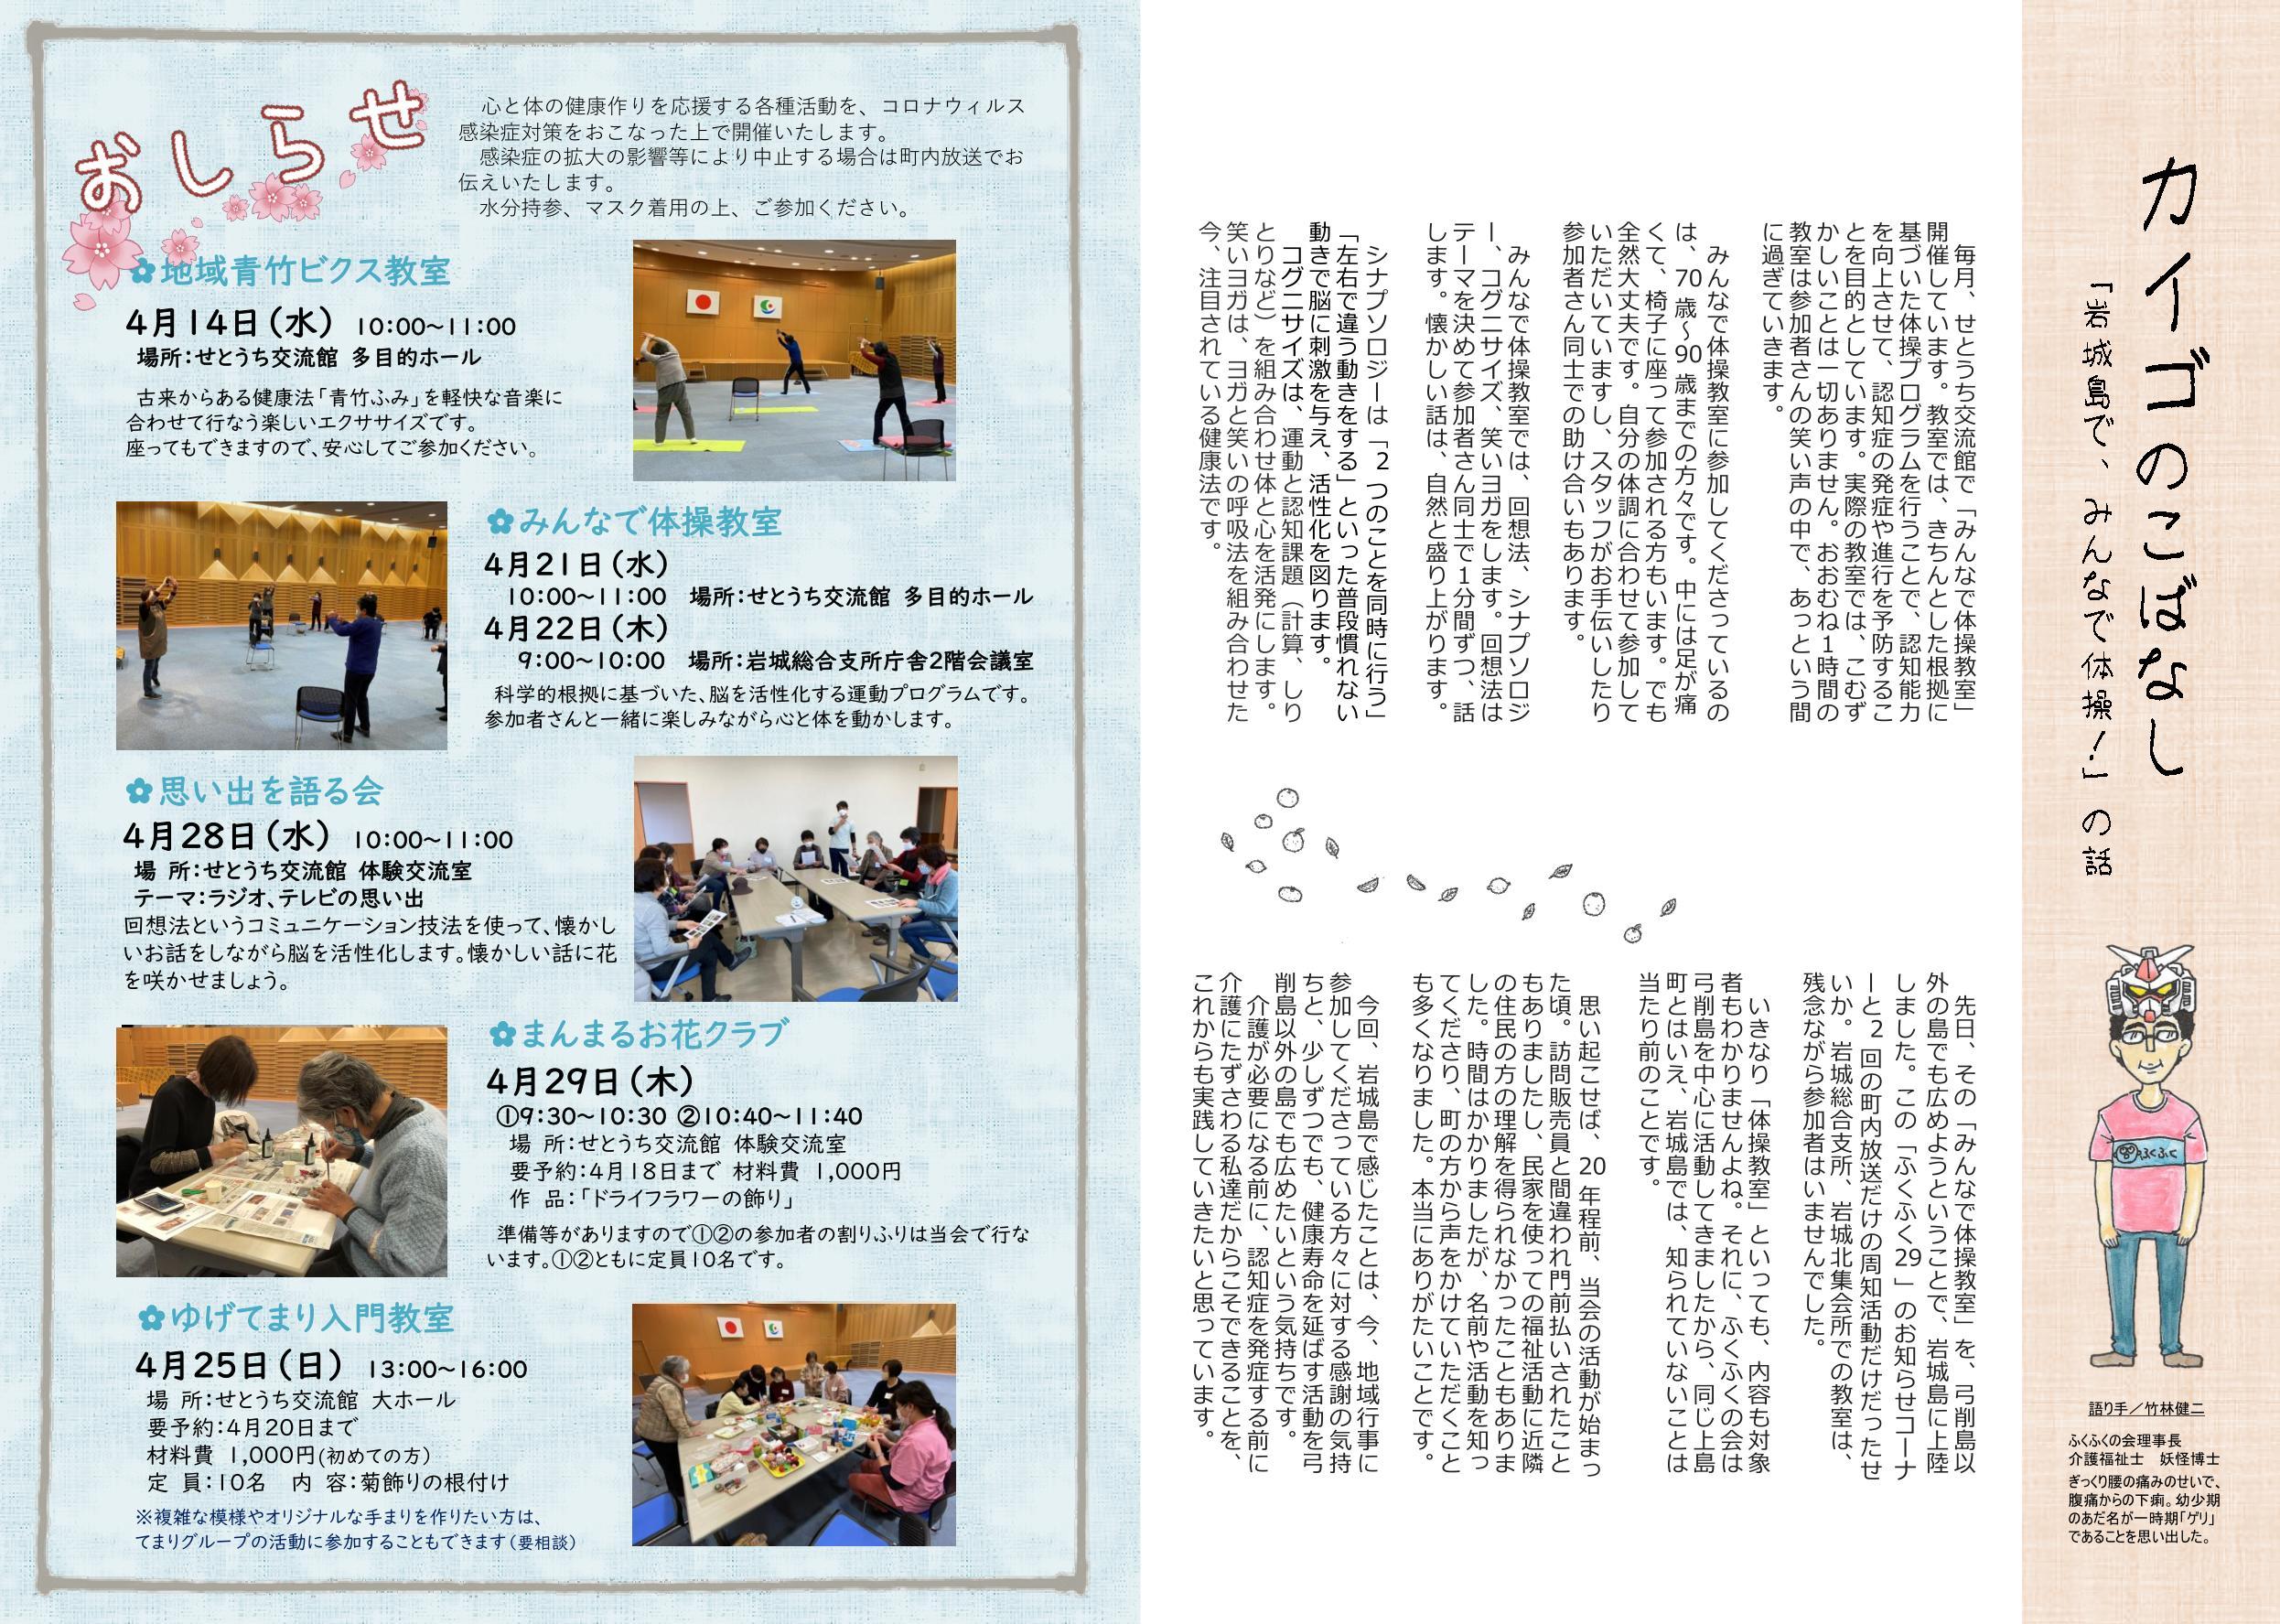 http://fukufukunokai.com/newsletter/images/3%E6%9C%88%E5%8F%B7_cropped_4202103.jpeg